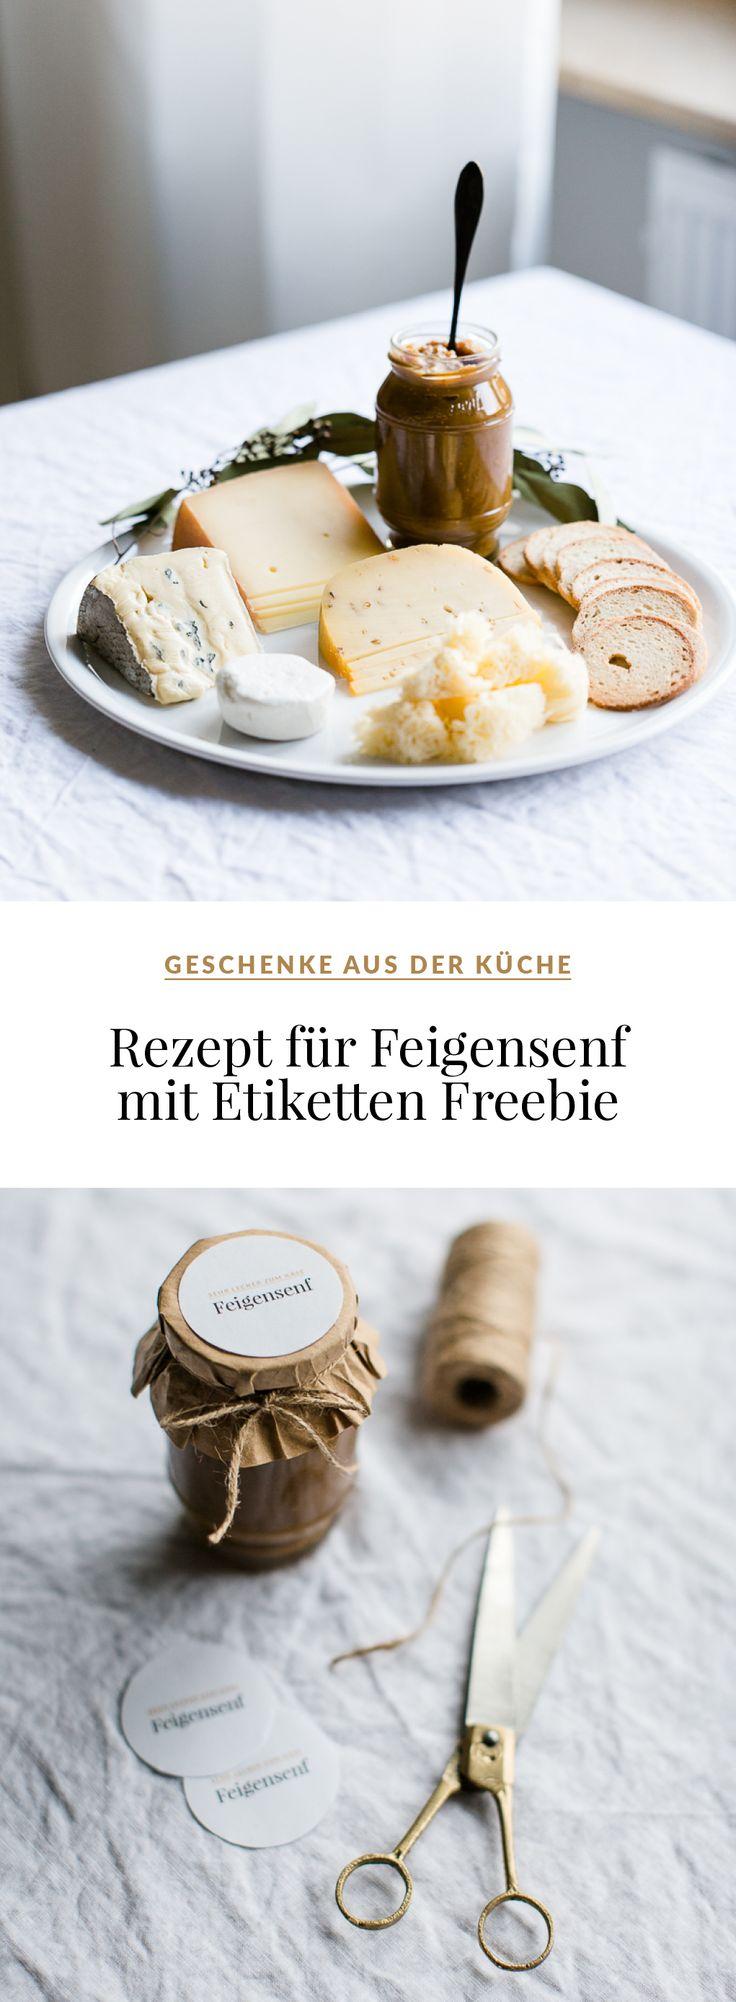 Feigensenf Rezept + Etiketten Freebie // Geschenk aus der Küche #geschenkeausderküche #feigensenf #senf #feigen #weihnachten #käseplatte #vesperplatte #käse